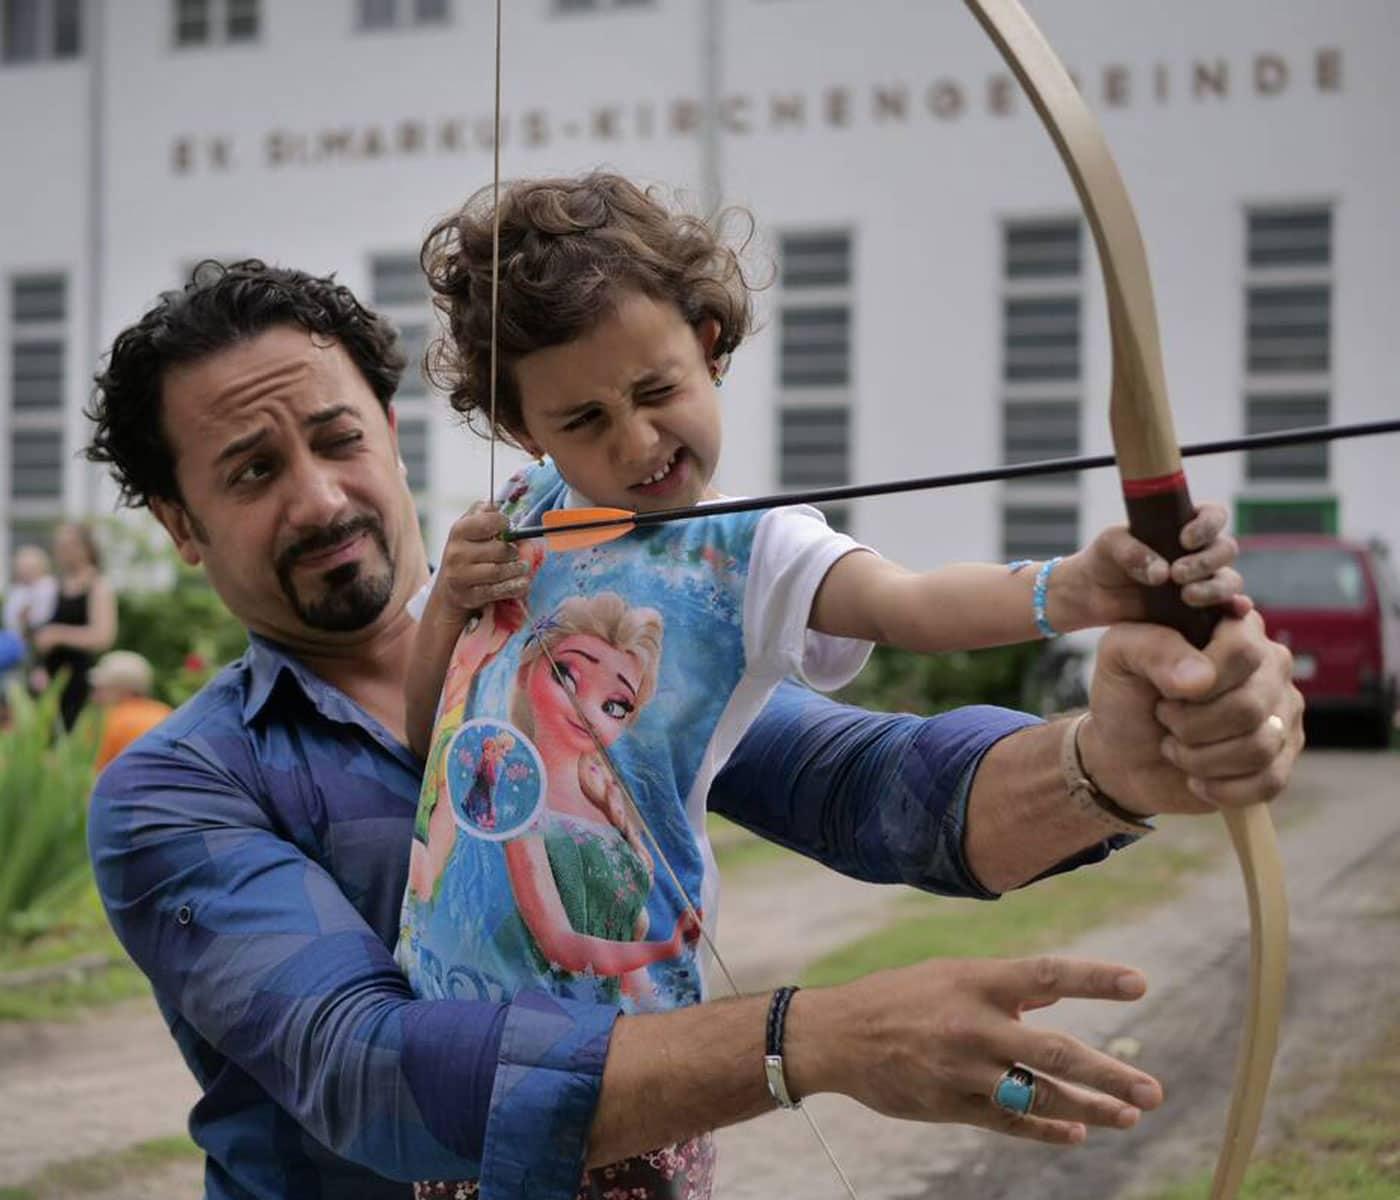 Aktivurlaub für Familien– Abenteuerurlaub mit Papa: Bogenschießen // HIMBEER